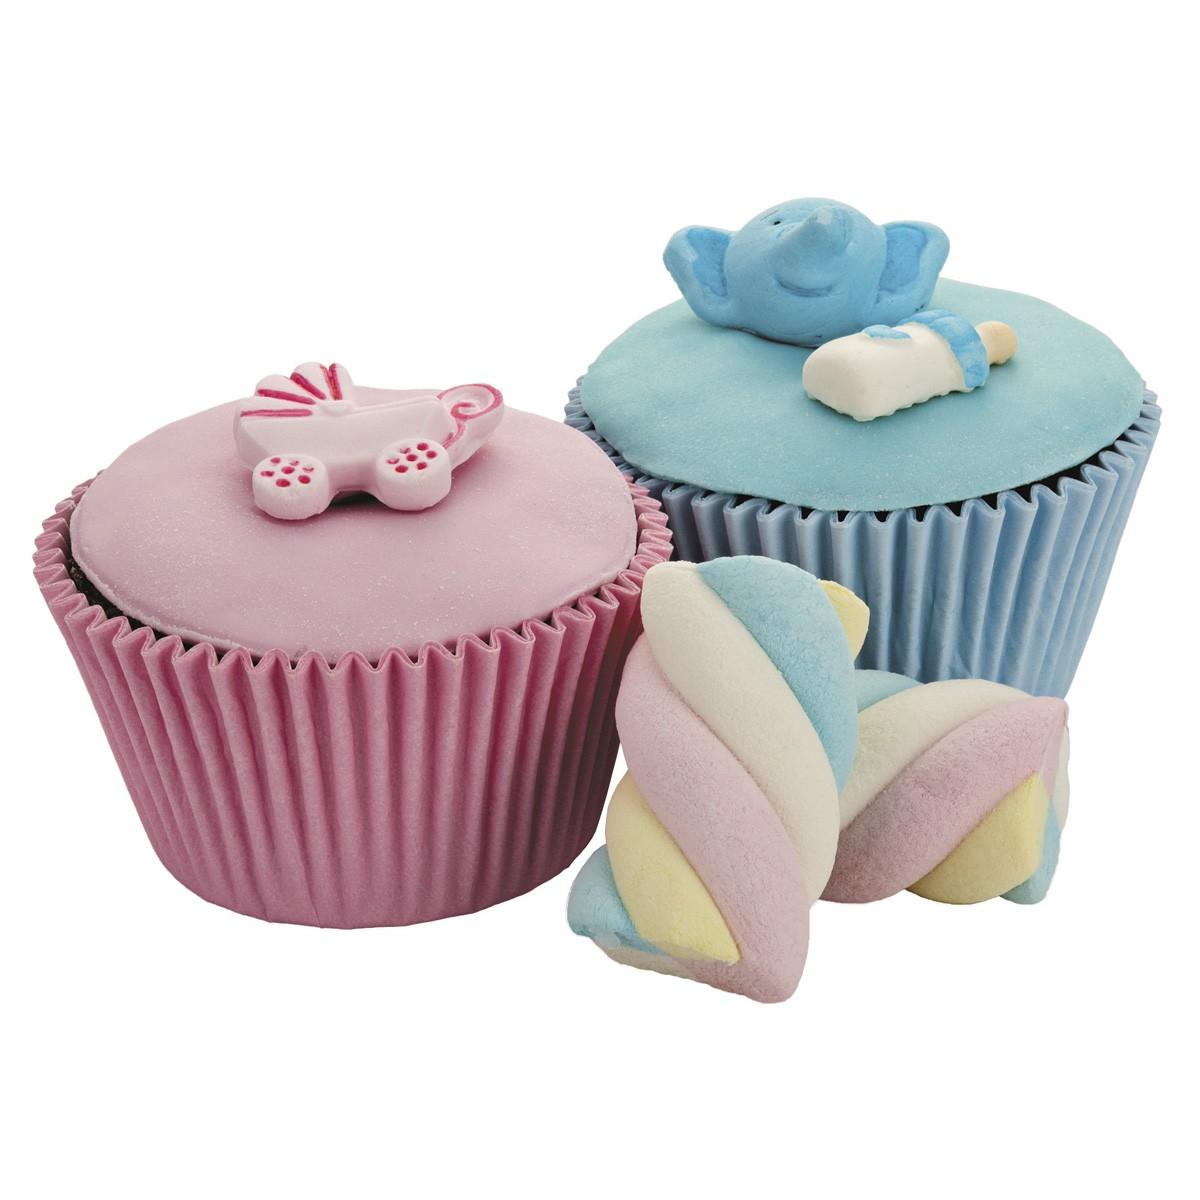 Forma Assadeira para Cupcakes de Silicone Lisa Cinza para 6 Cupcakes